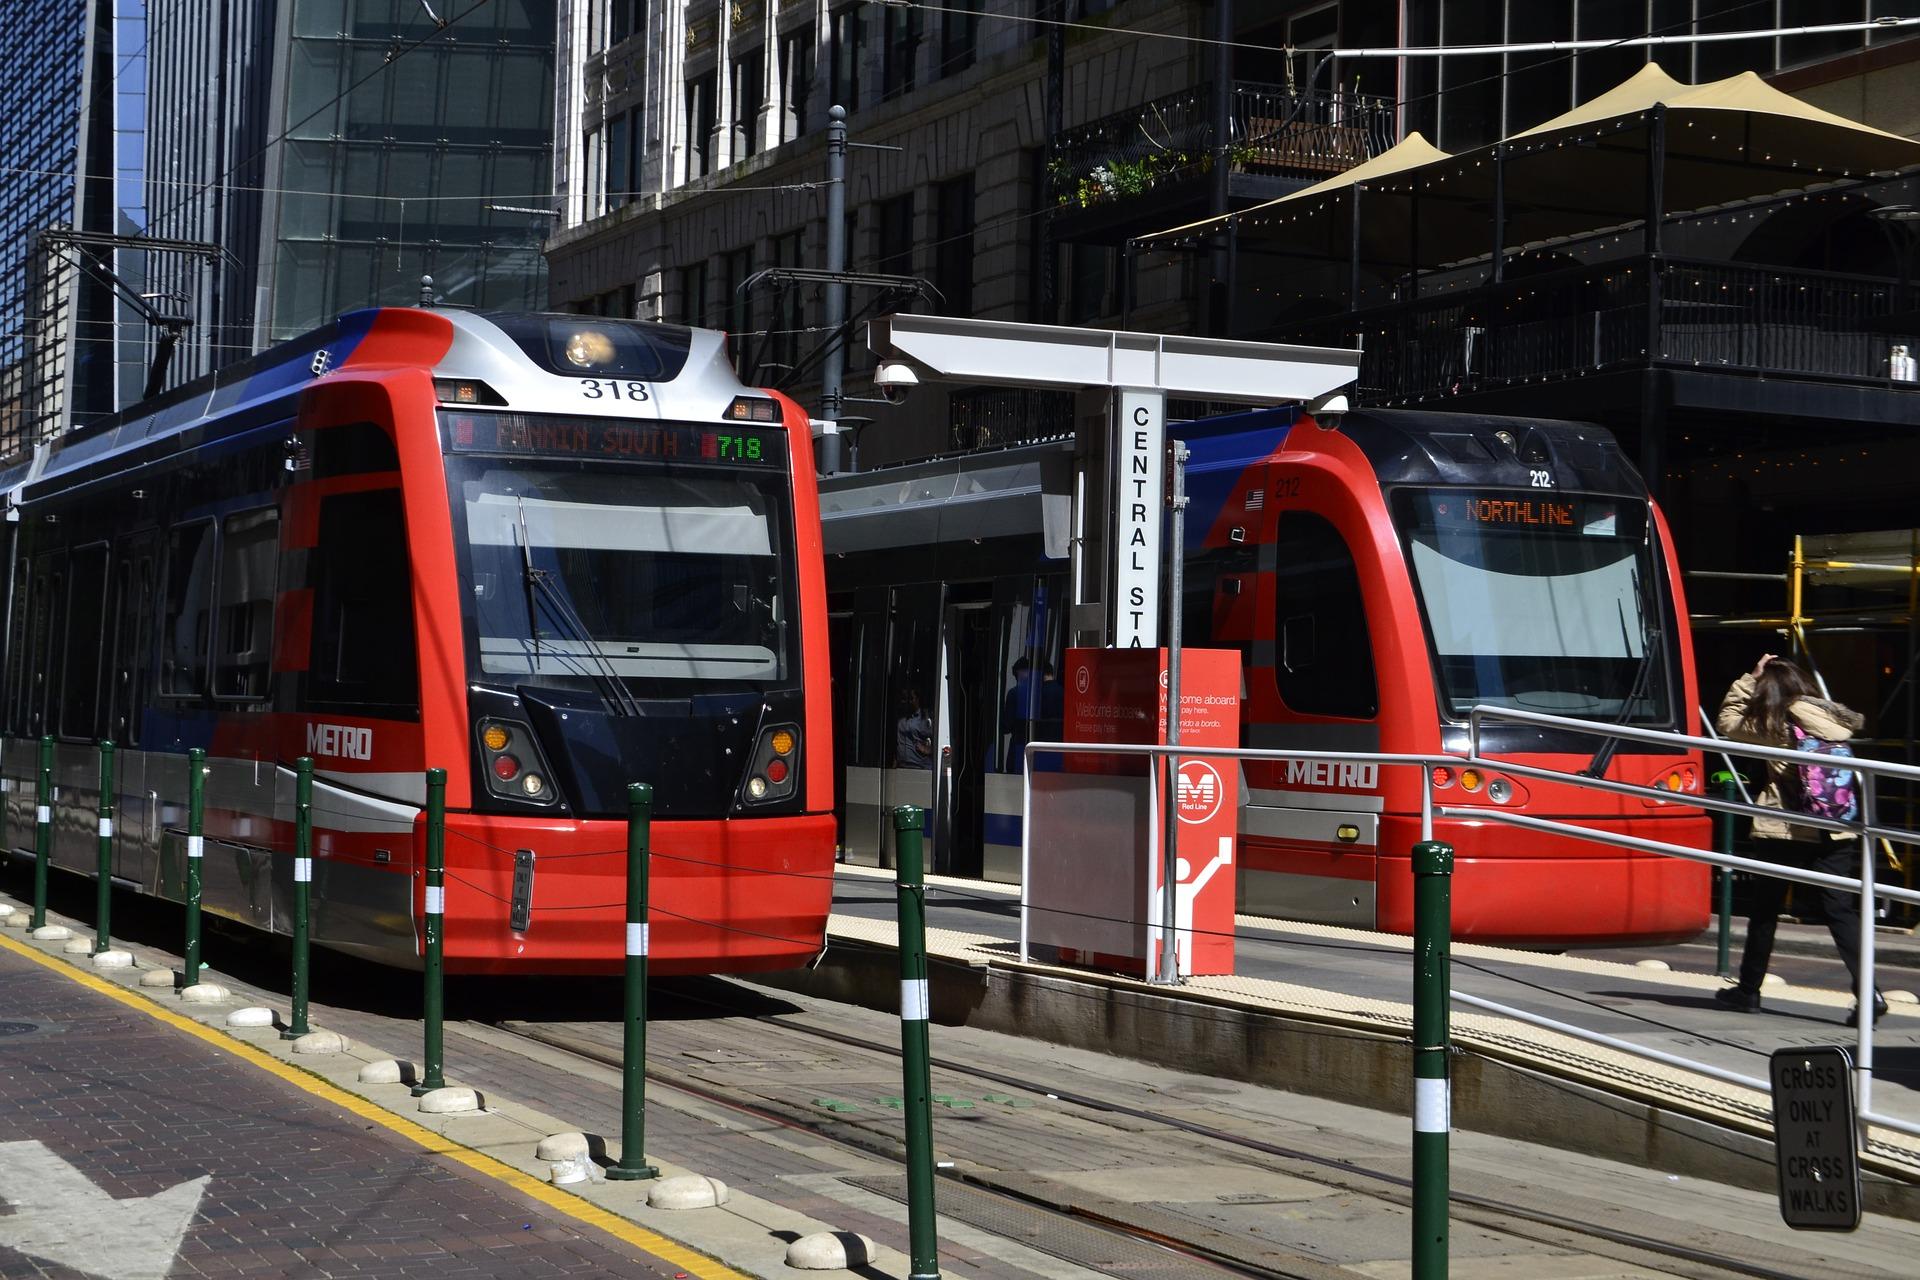 metro-3231108_1920.jpg